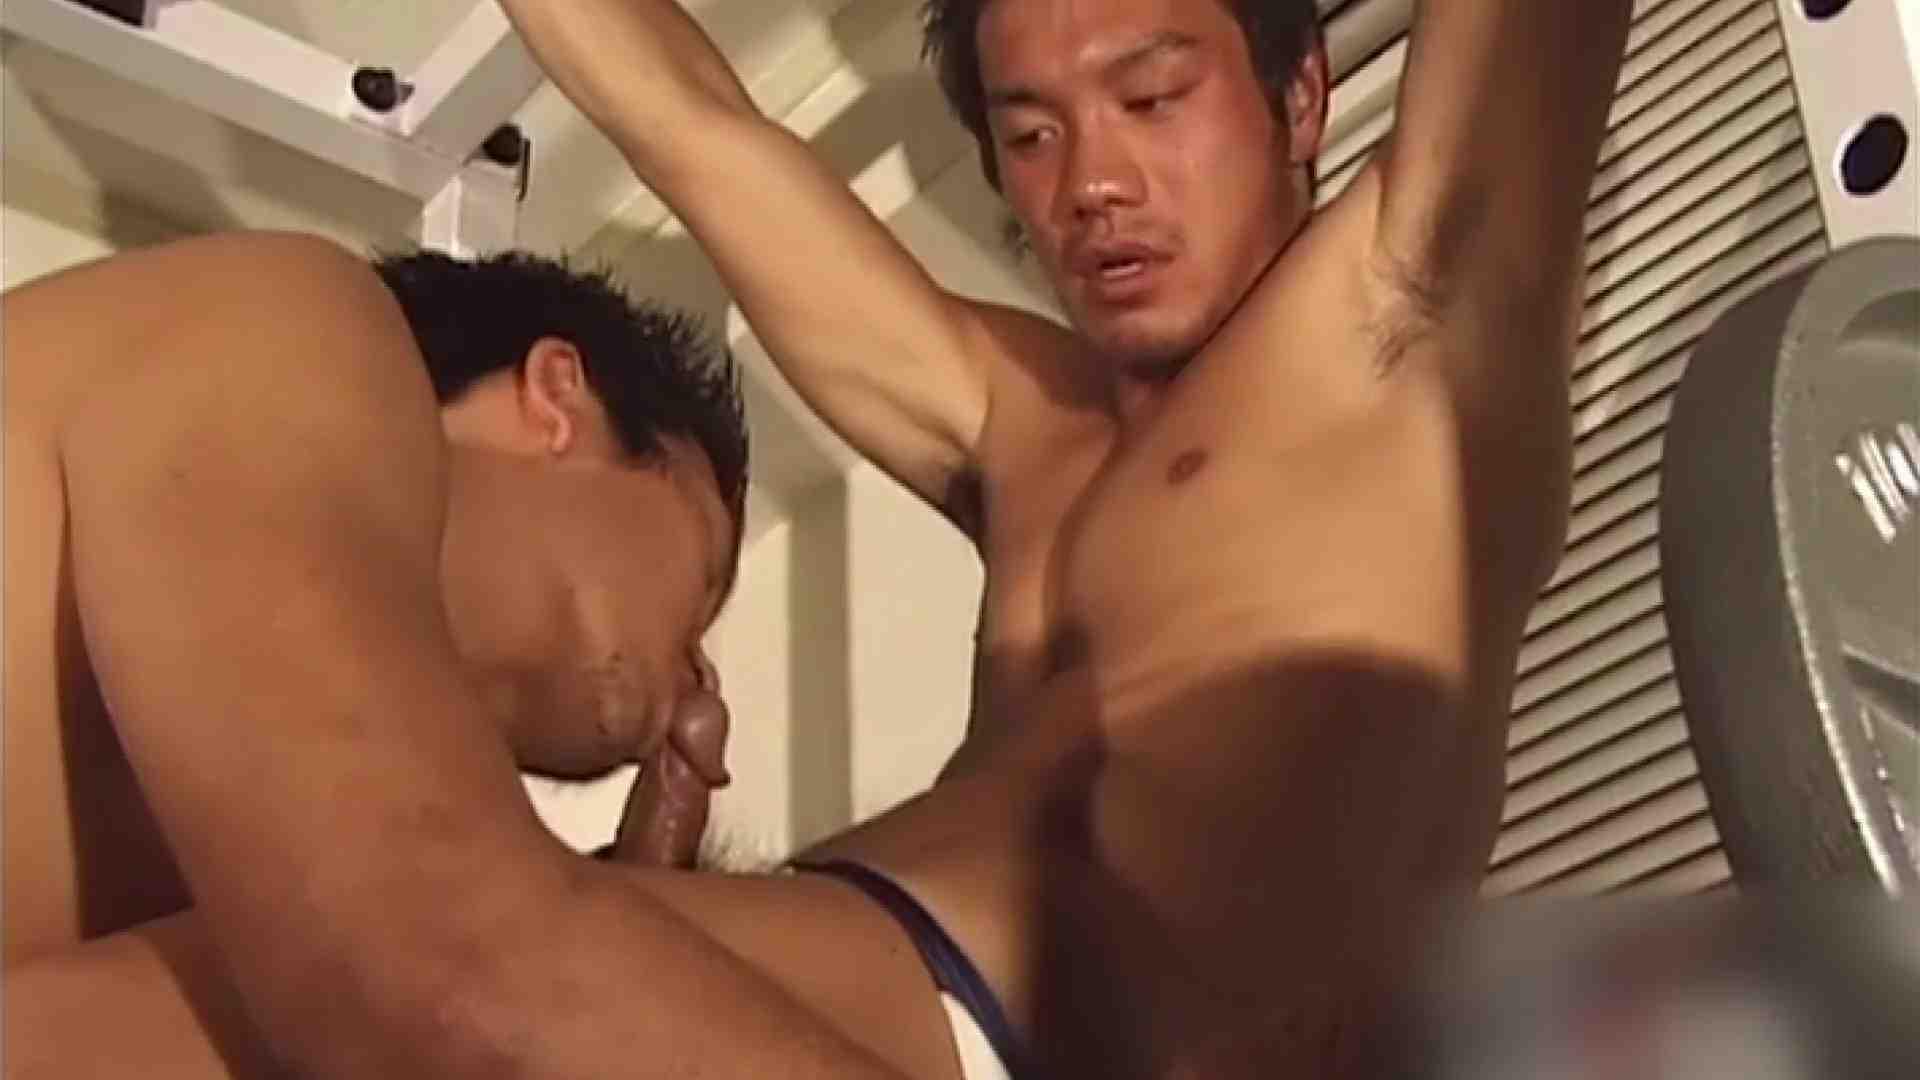 珍肉も筋肉の内!!vol.3 フェラ ゲイ素人エロ画像 104枚 49